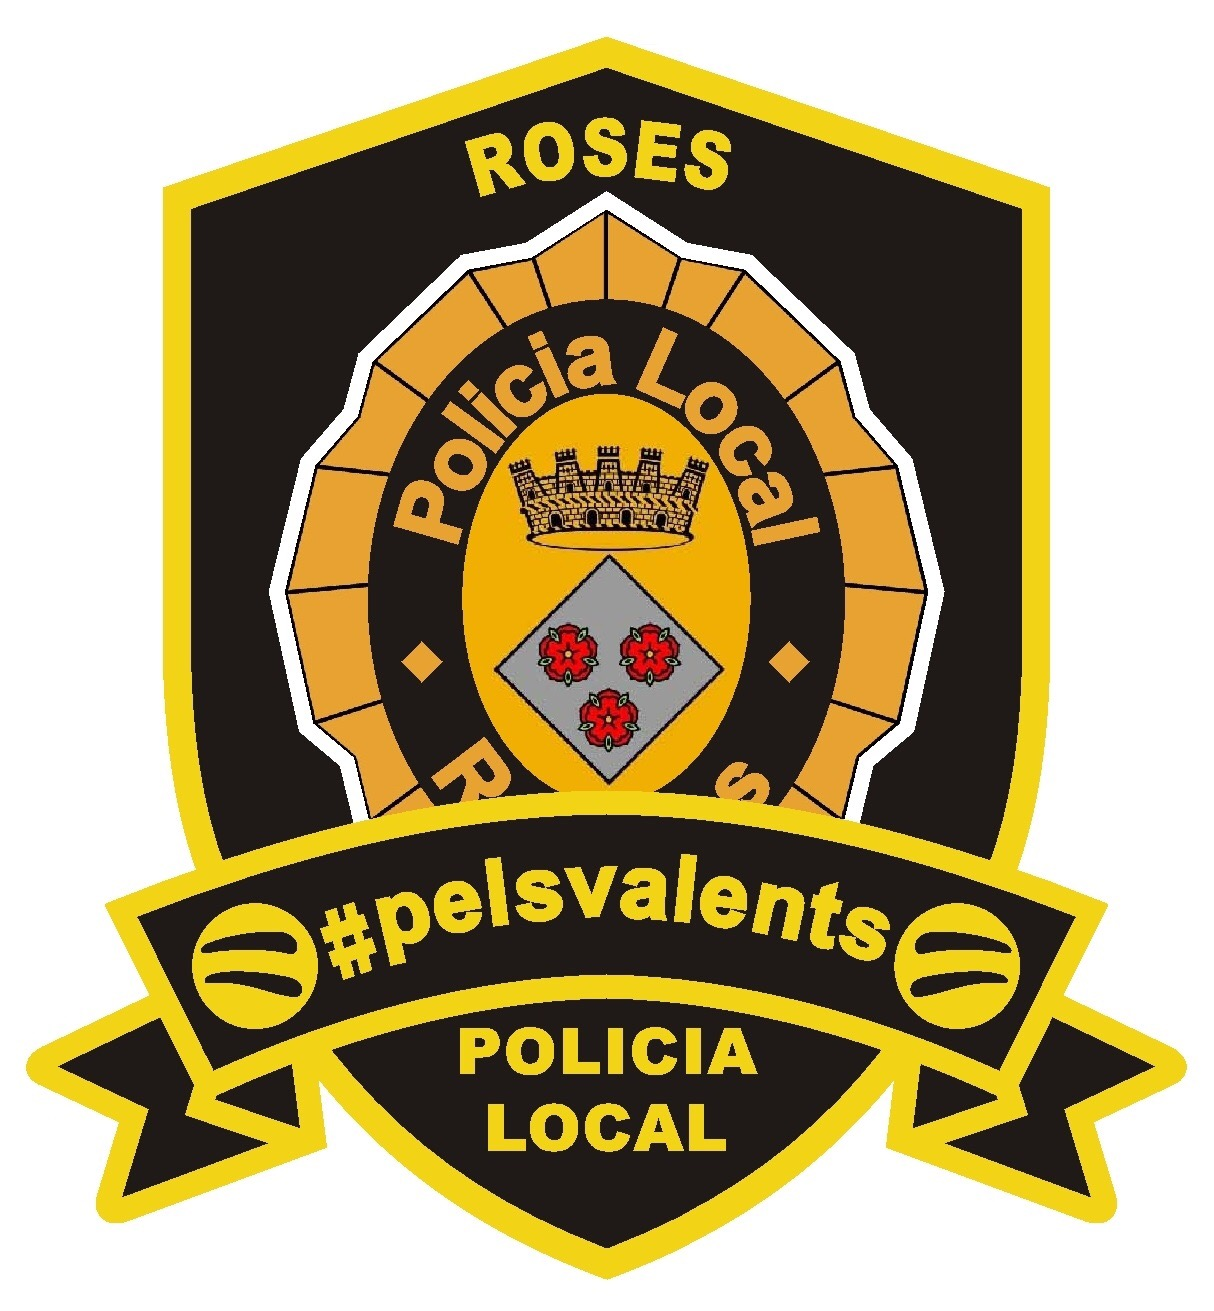 """La Policia Local de Roses s'adhereix a la campanya """"Escuts Solidaris"""" per lluitar contra el càncer infantil"""